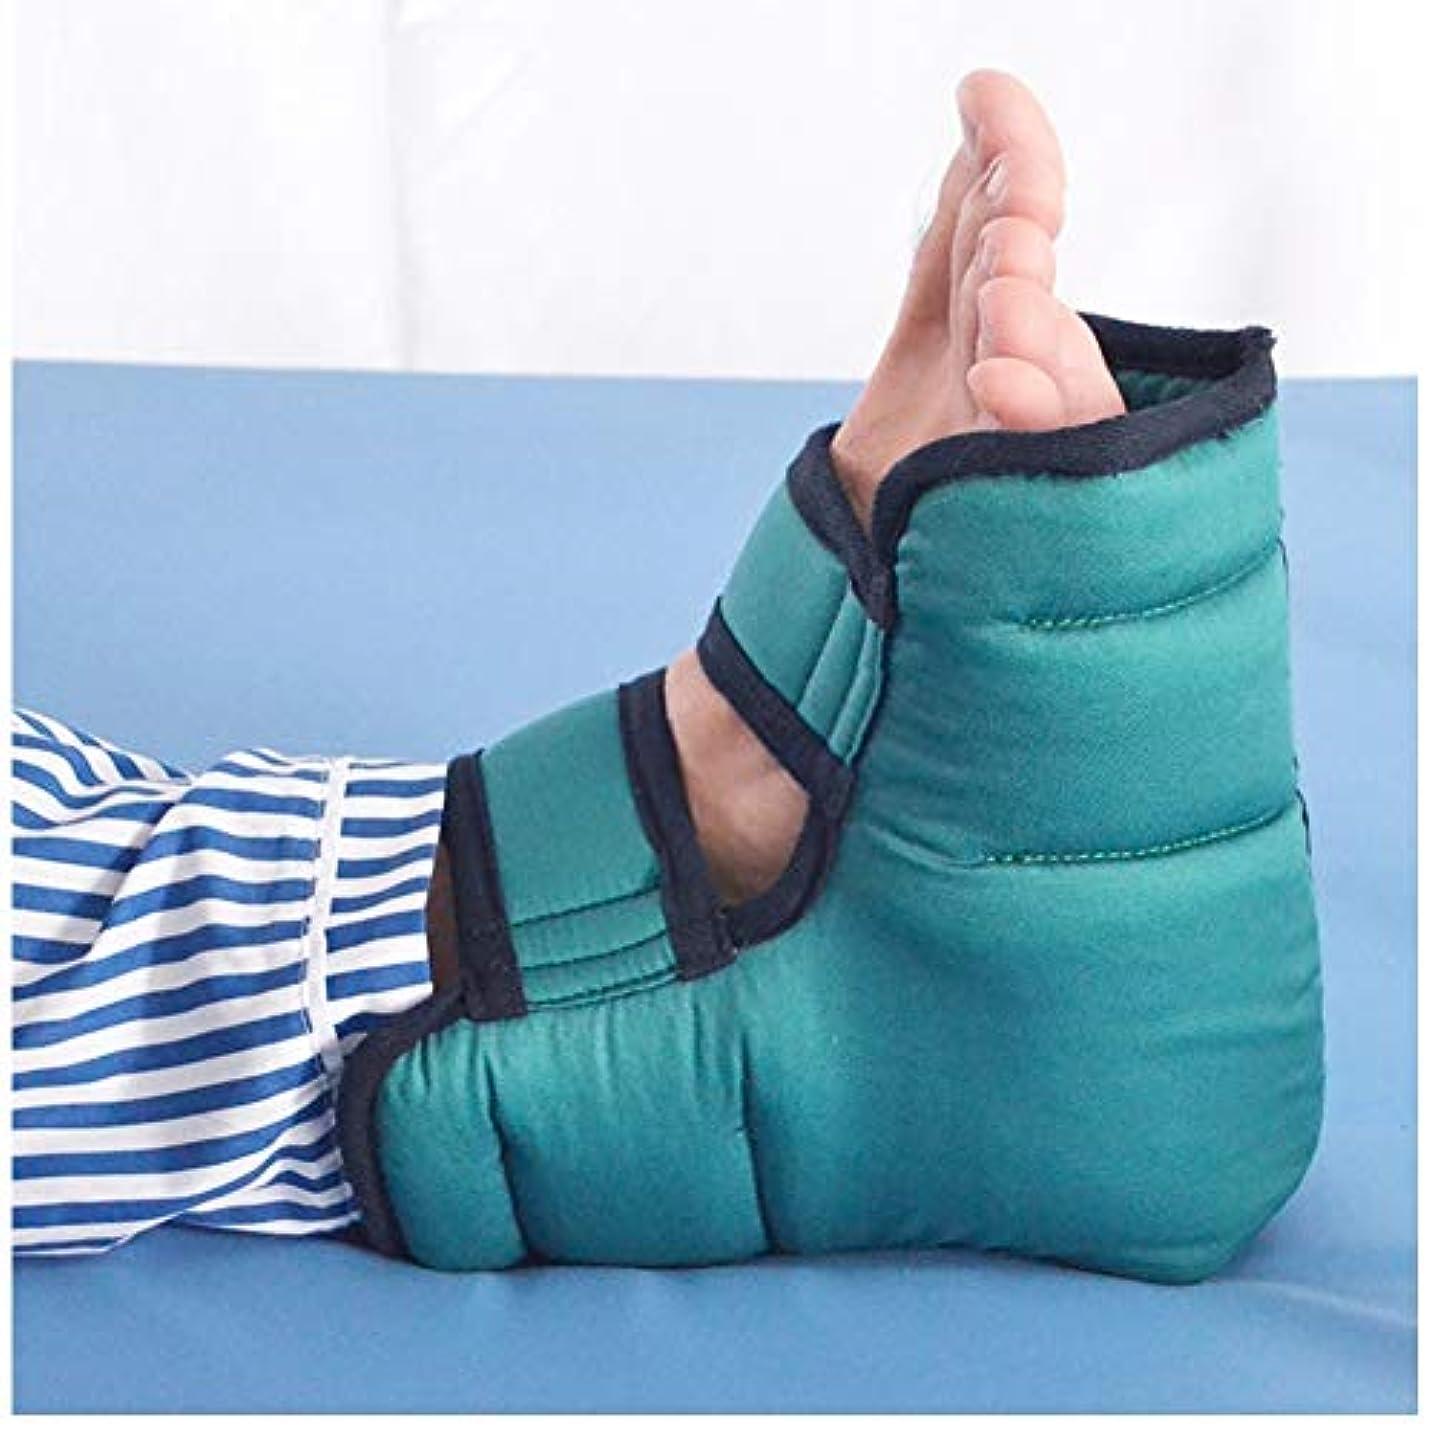 脆い前者主権者反褥瘡のかかとの保護材のクッション、足首サポート枕フットプロテクション、青、1ペア、9.45×9.05インチ